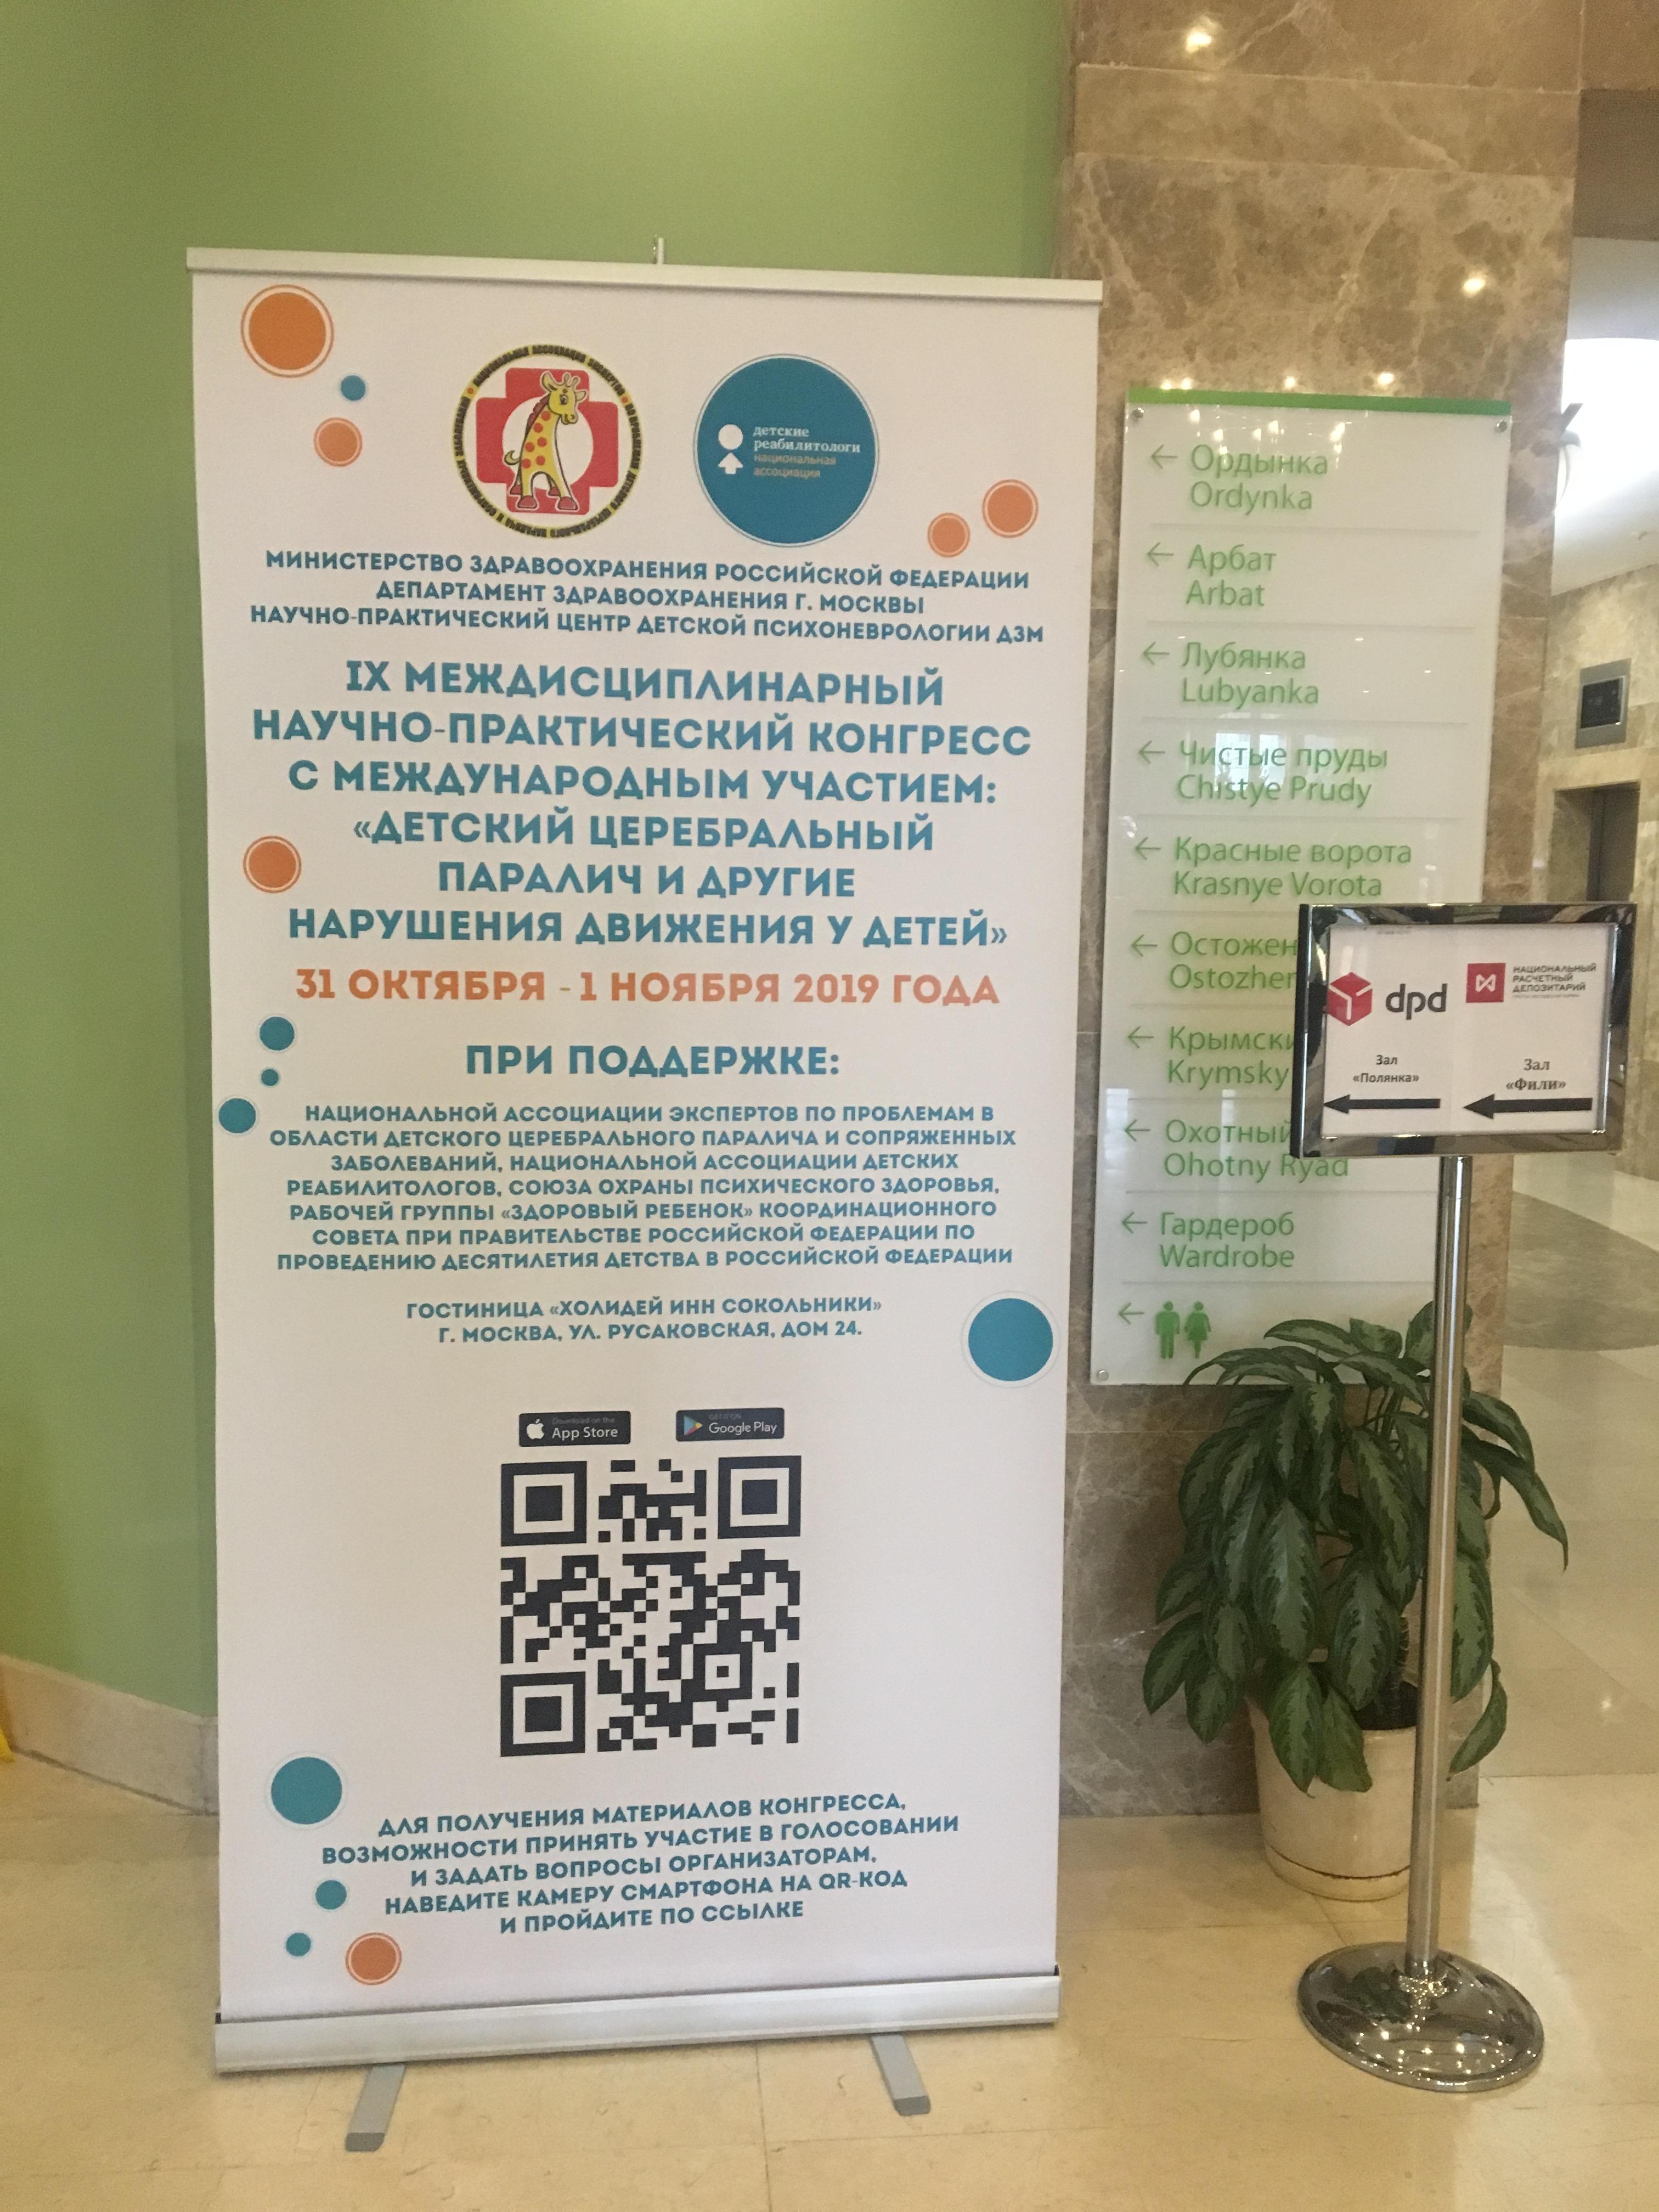 IX Междисциплинарный научно-практический конгресс